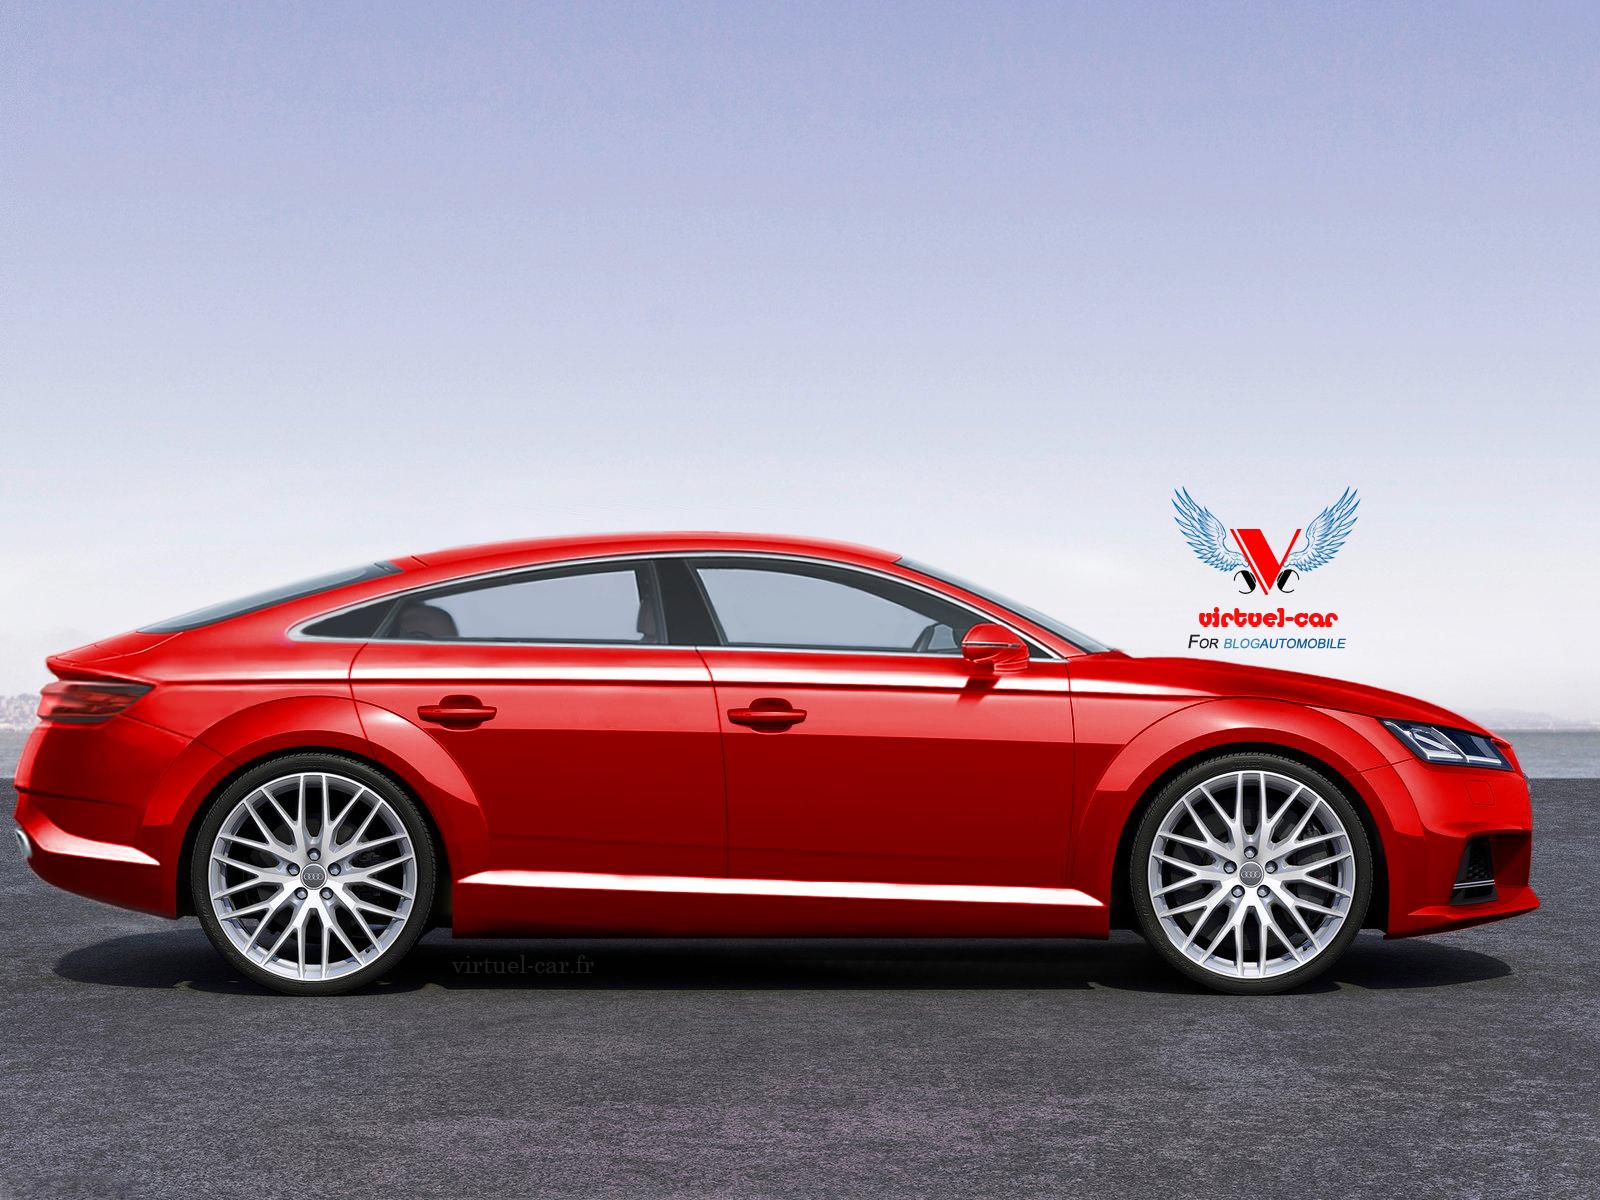 Kelebihan Kekurangan Audi Tt Sportback Spesifikasi